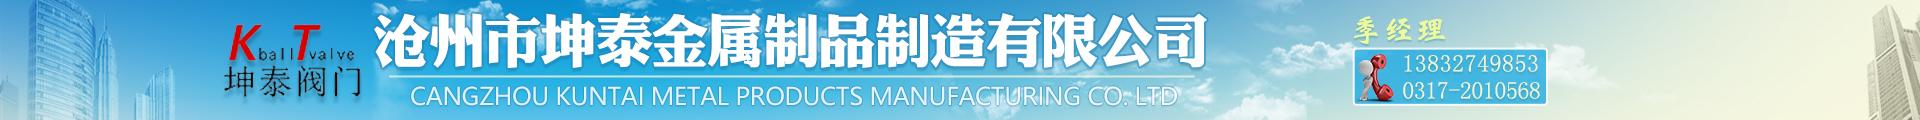 滄州市坤泰金屬製品製造有限公司